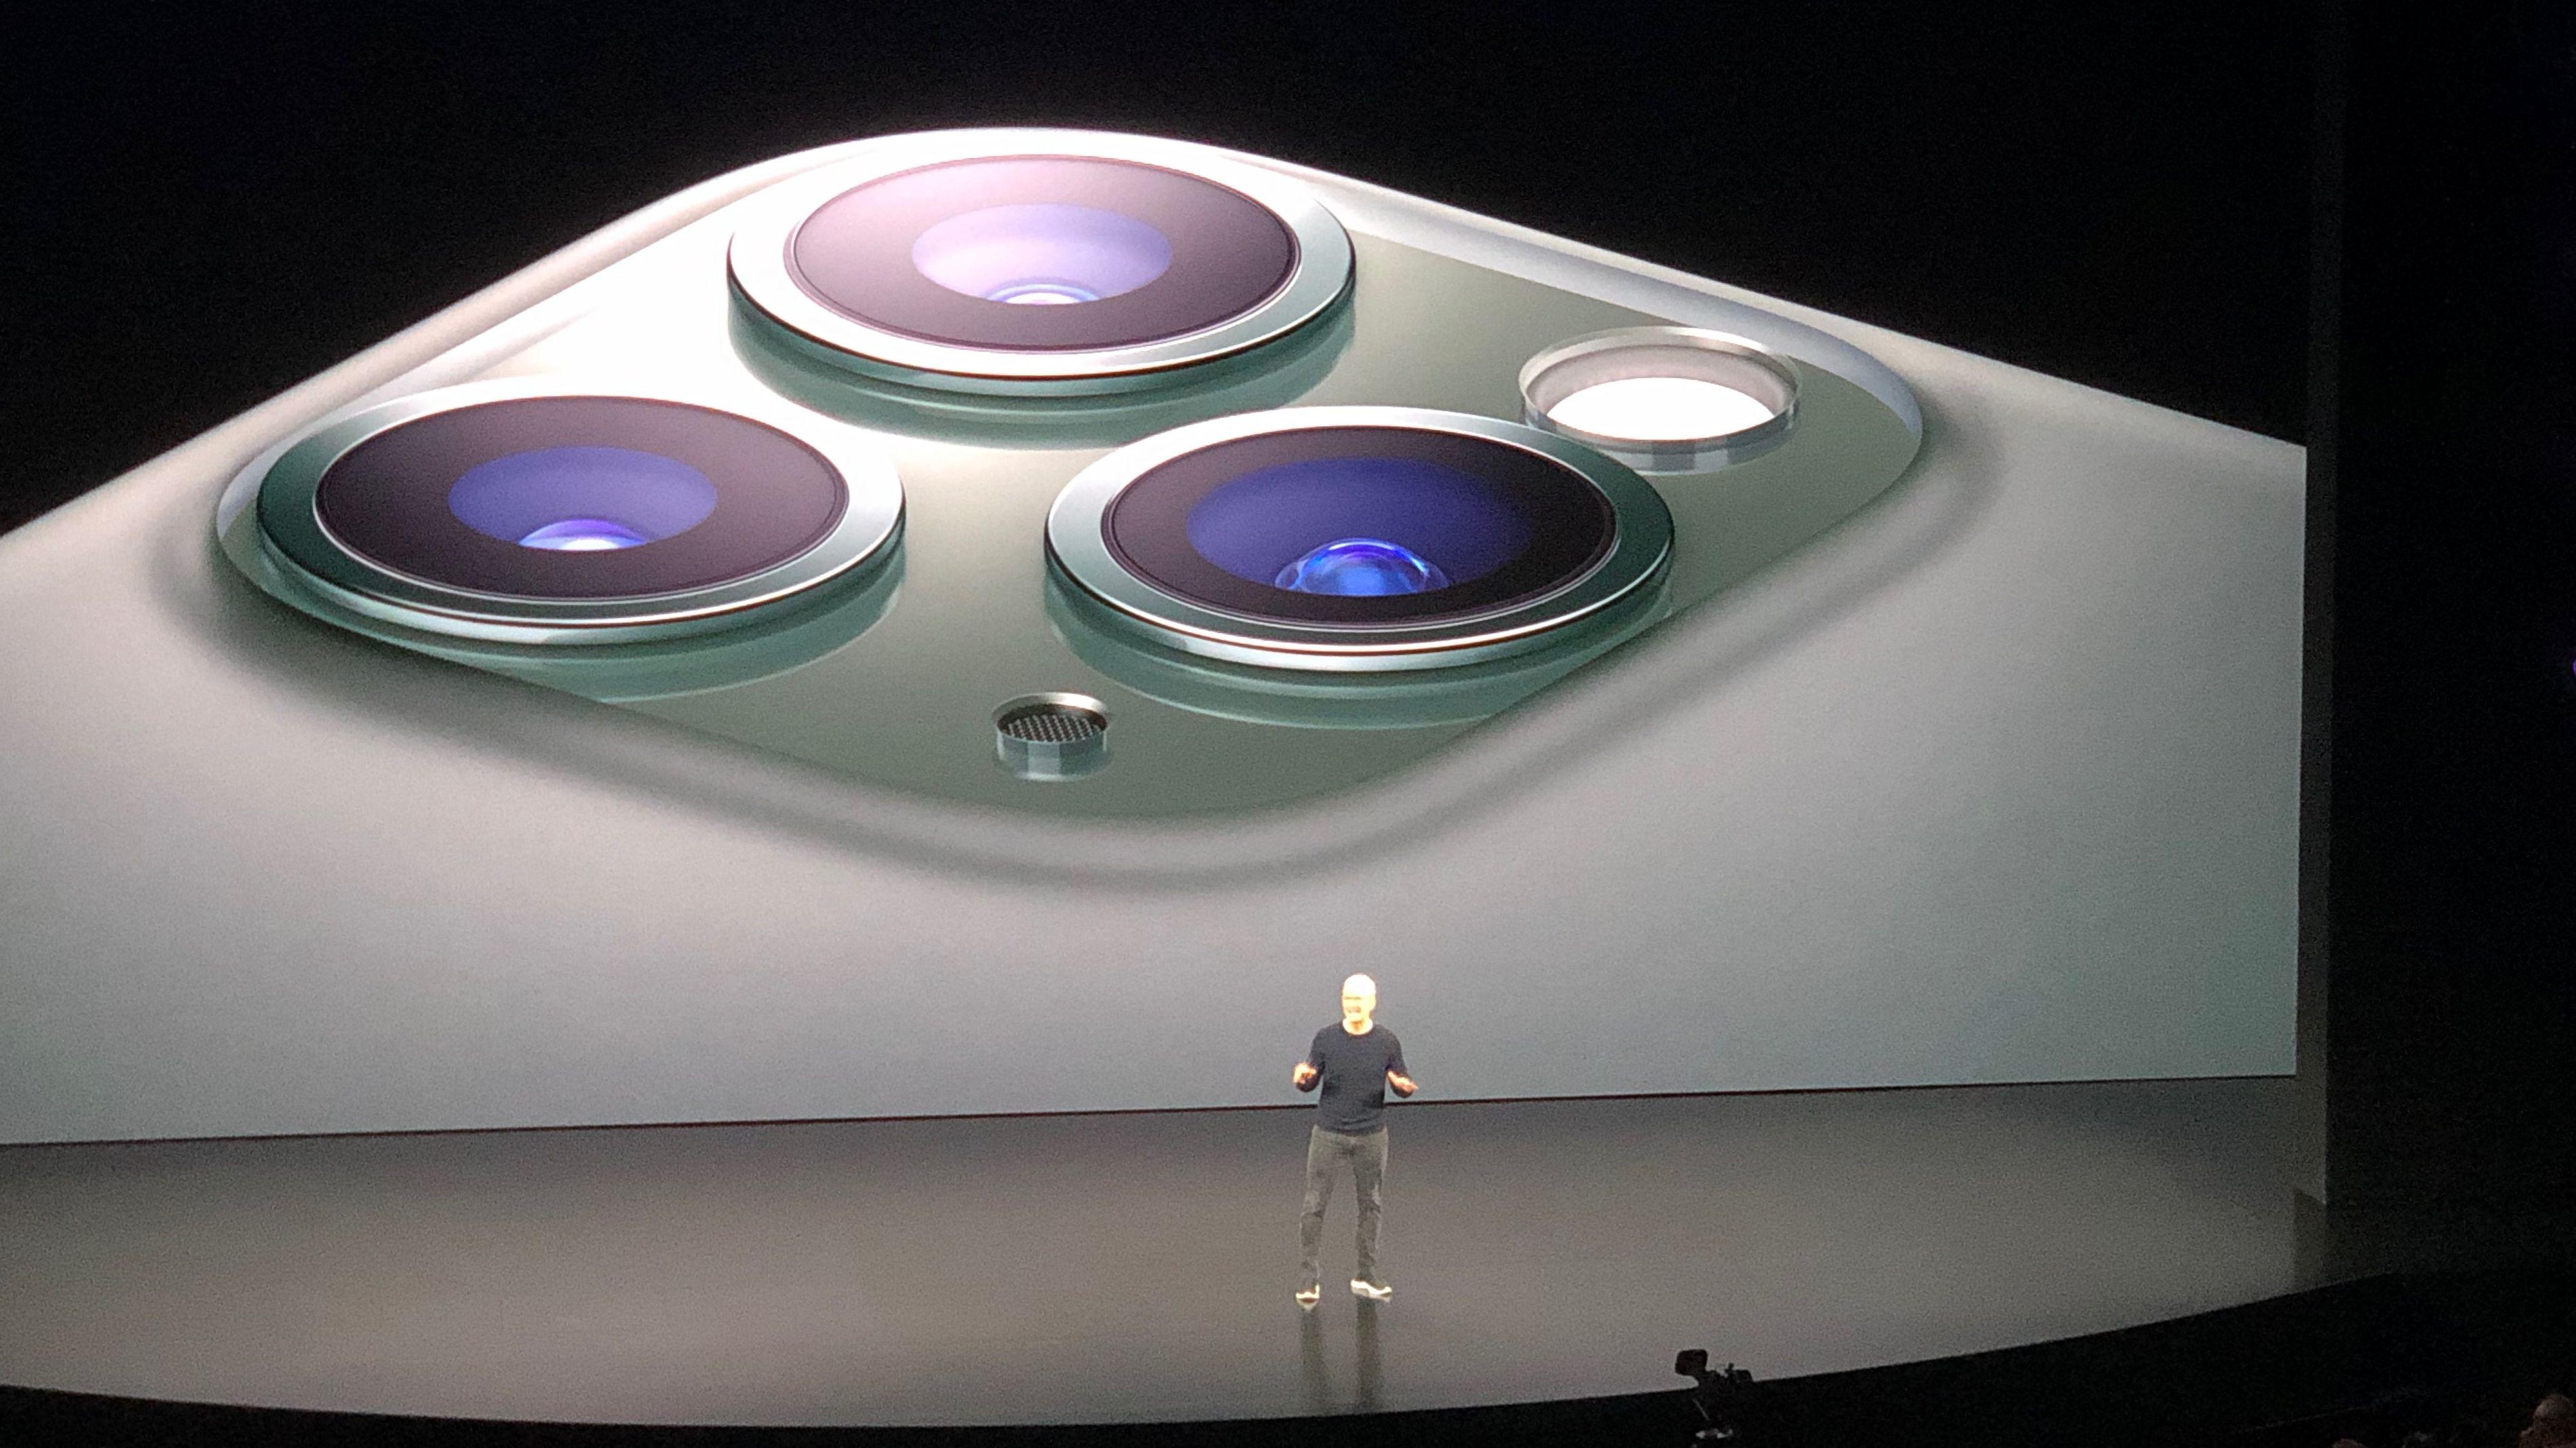 Das 3-Kamera-System des iPhone 11.